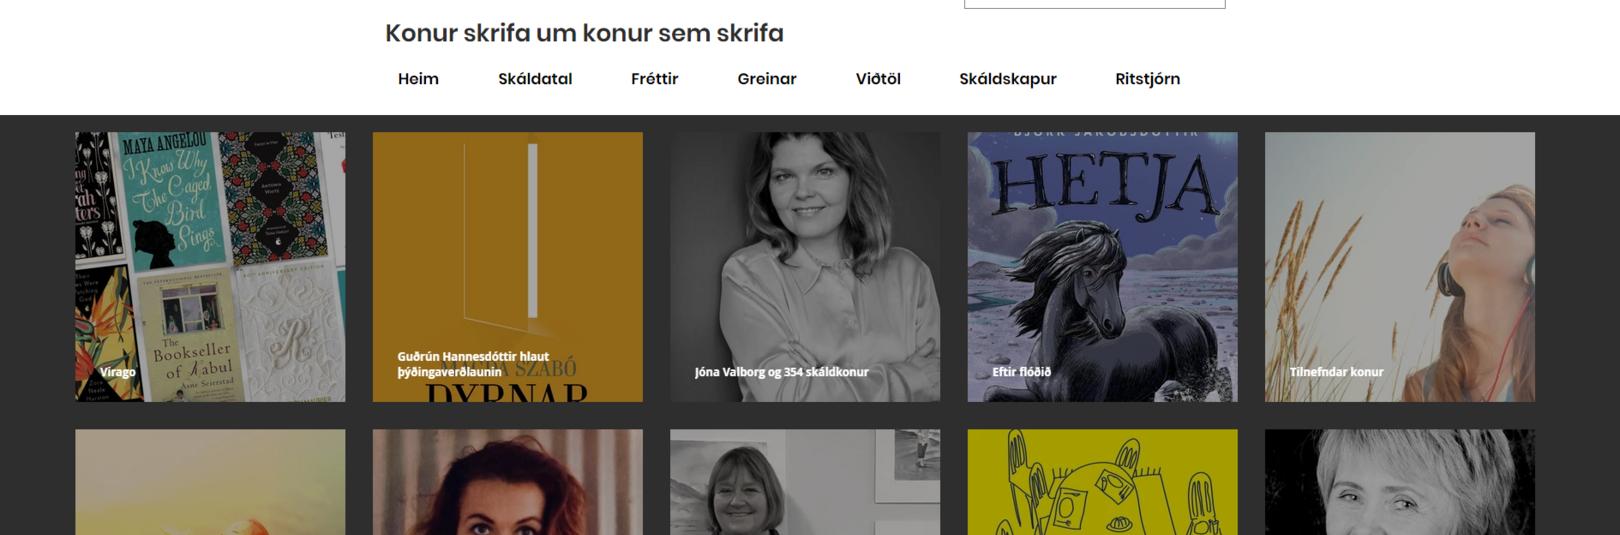 Soffía Auður hlýtur styrk vegna vefs um íslenskar skáldkonur - á vefsíðu Háskóla Íslands